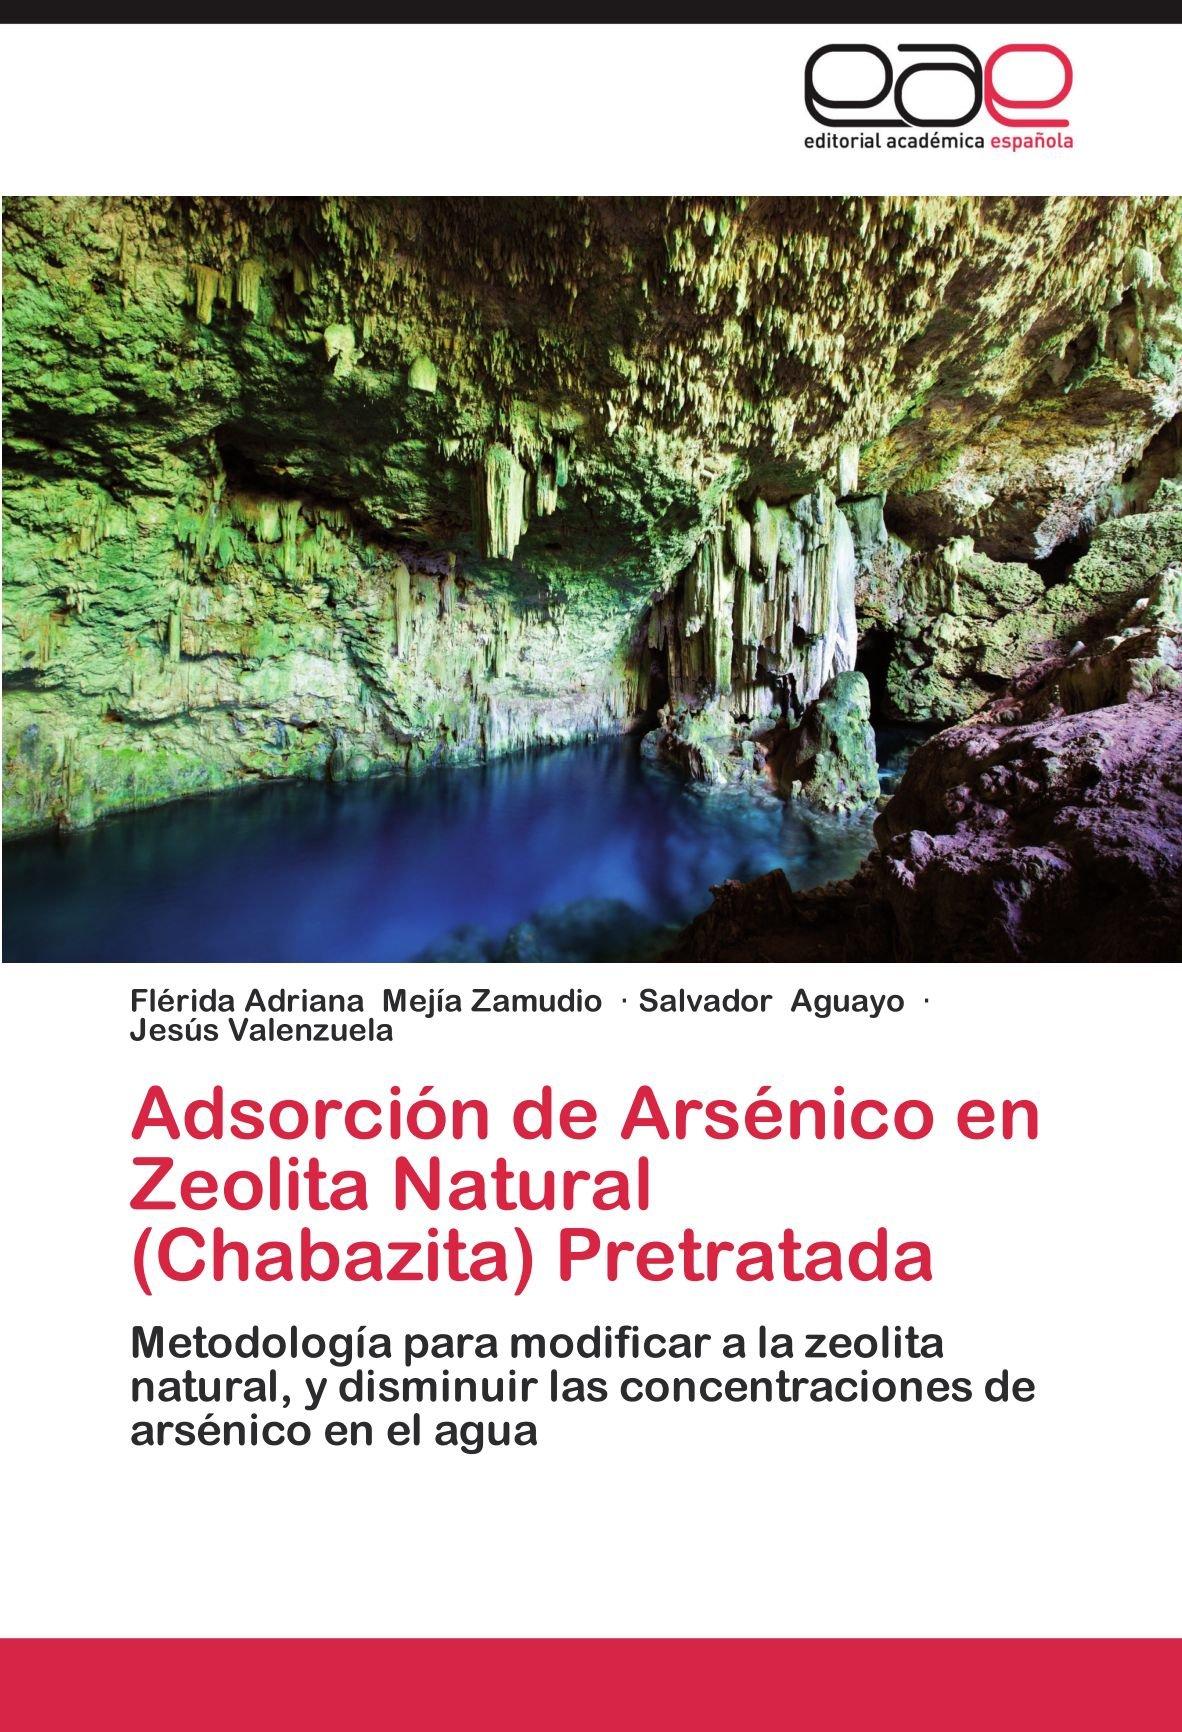 Adsorcion de Arsenico En Zeolita Natural Chabazita Pretratada: Amazon.es: Fl Rida Adriana Mej a. Zamudio, Salvador Aguayo, Jes?s Valenzuela: Libros